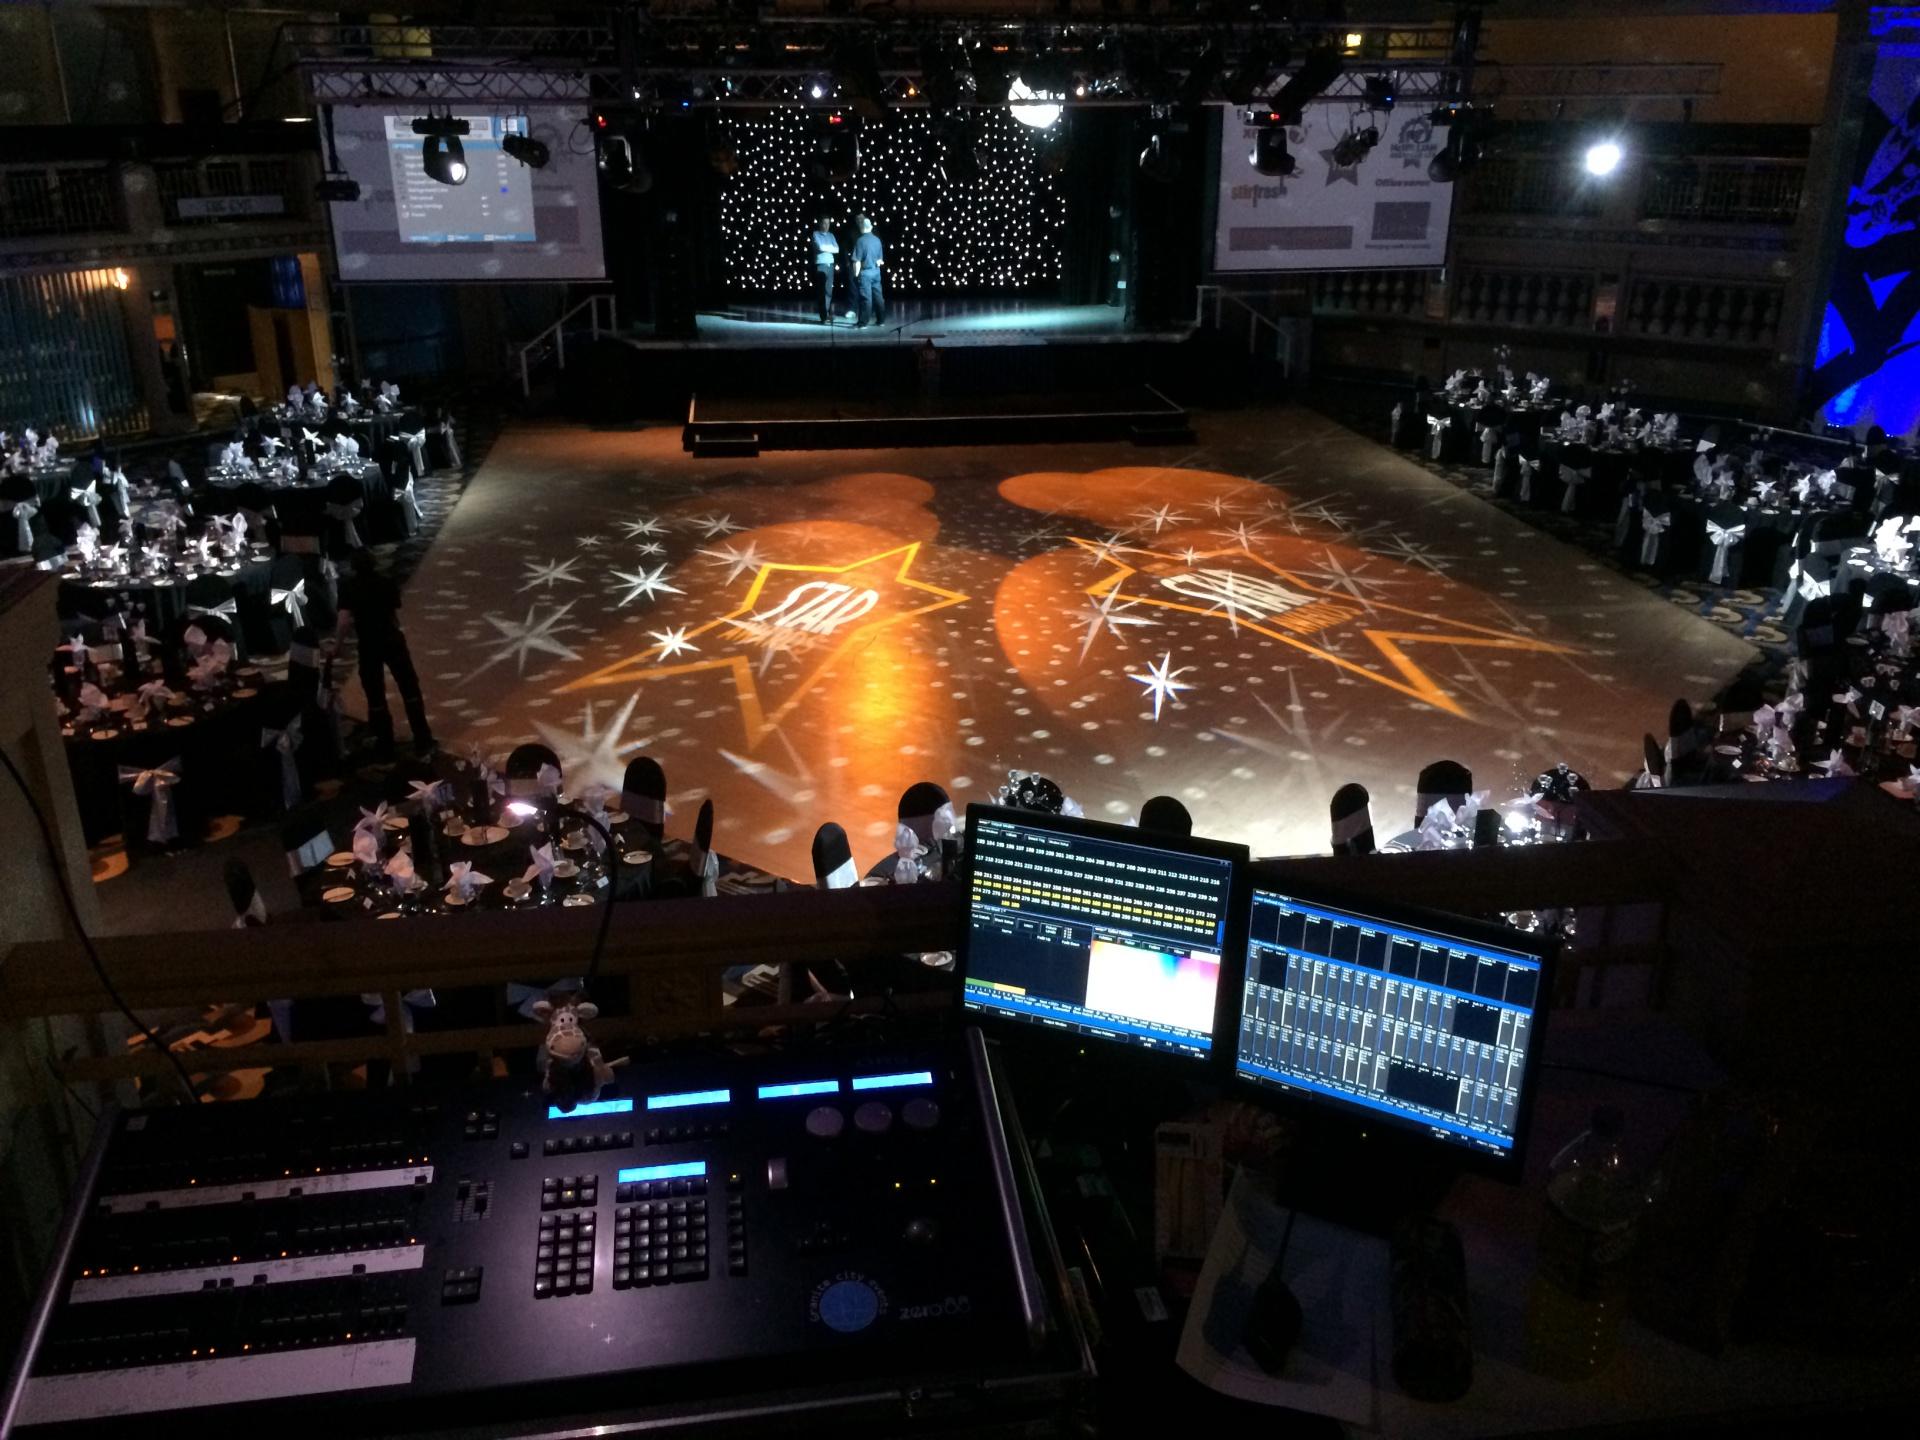 Star Awards lighting programming